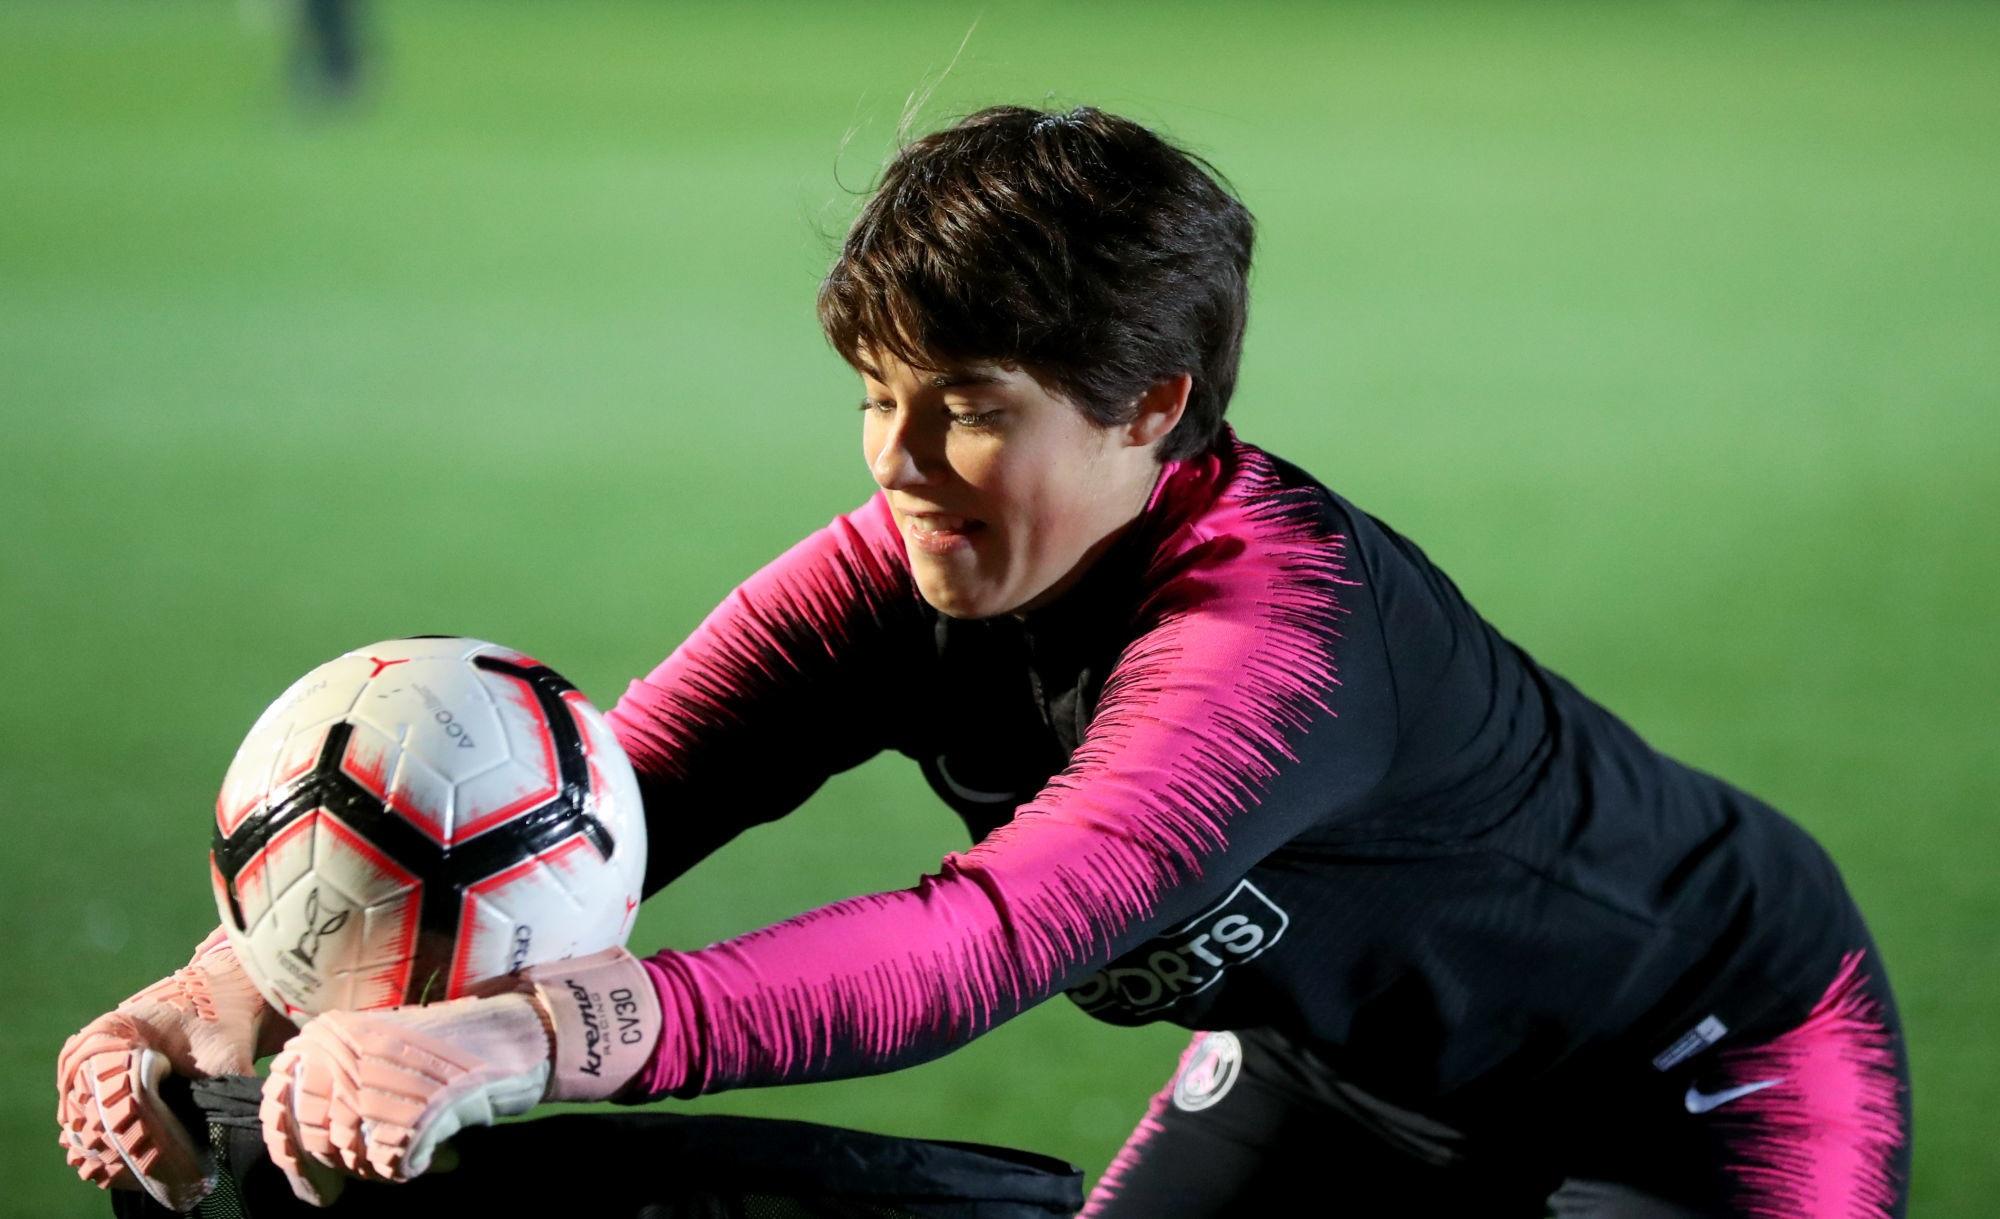 Officiel - Charlotte Voll revient au PSG avec un contrat jusqu'en 2022